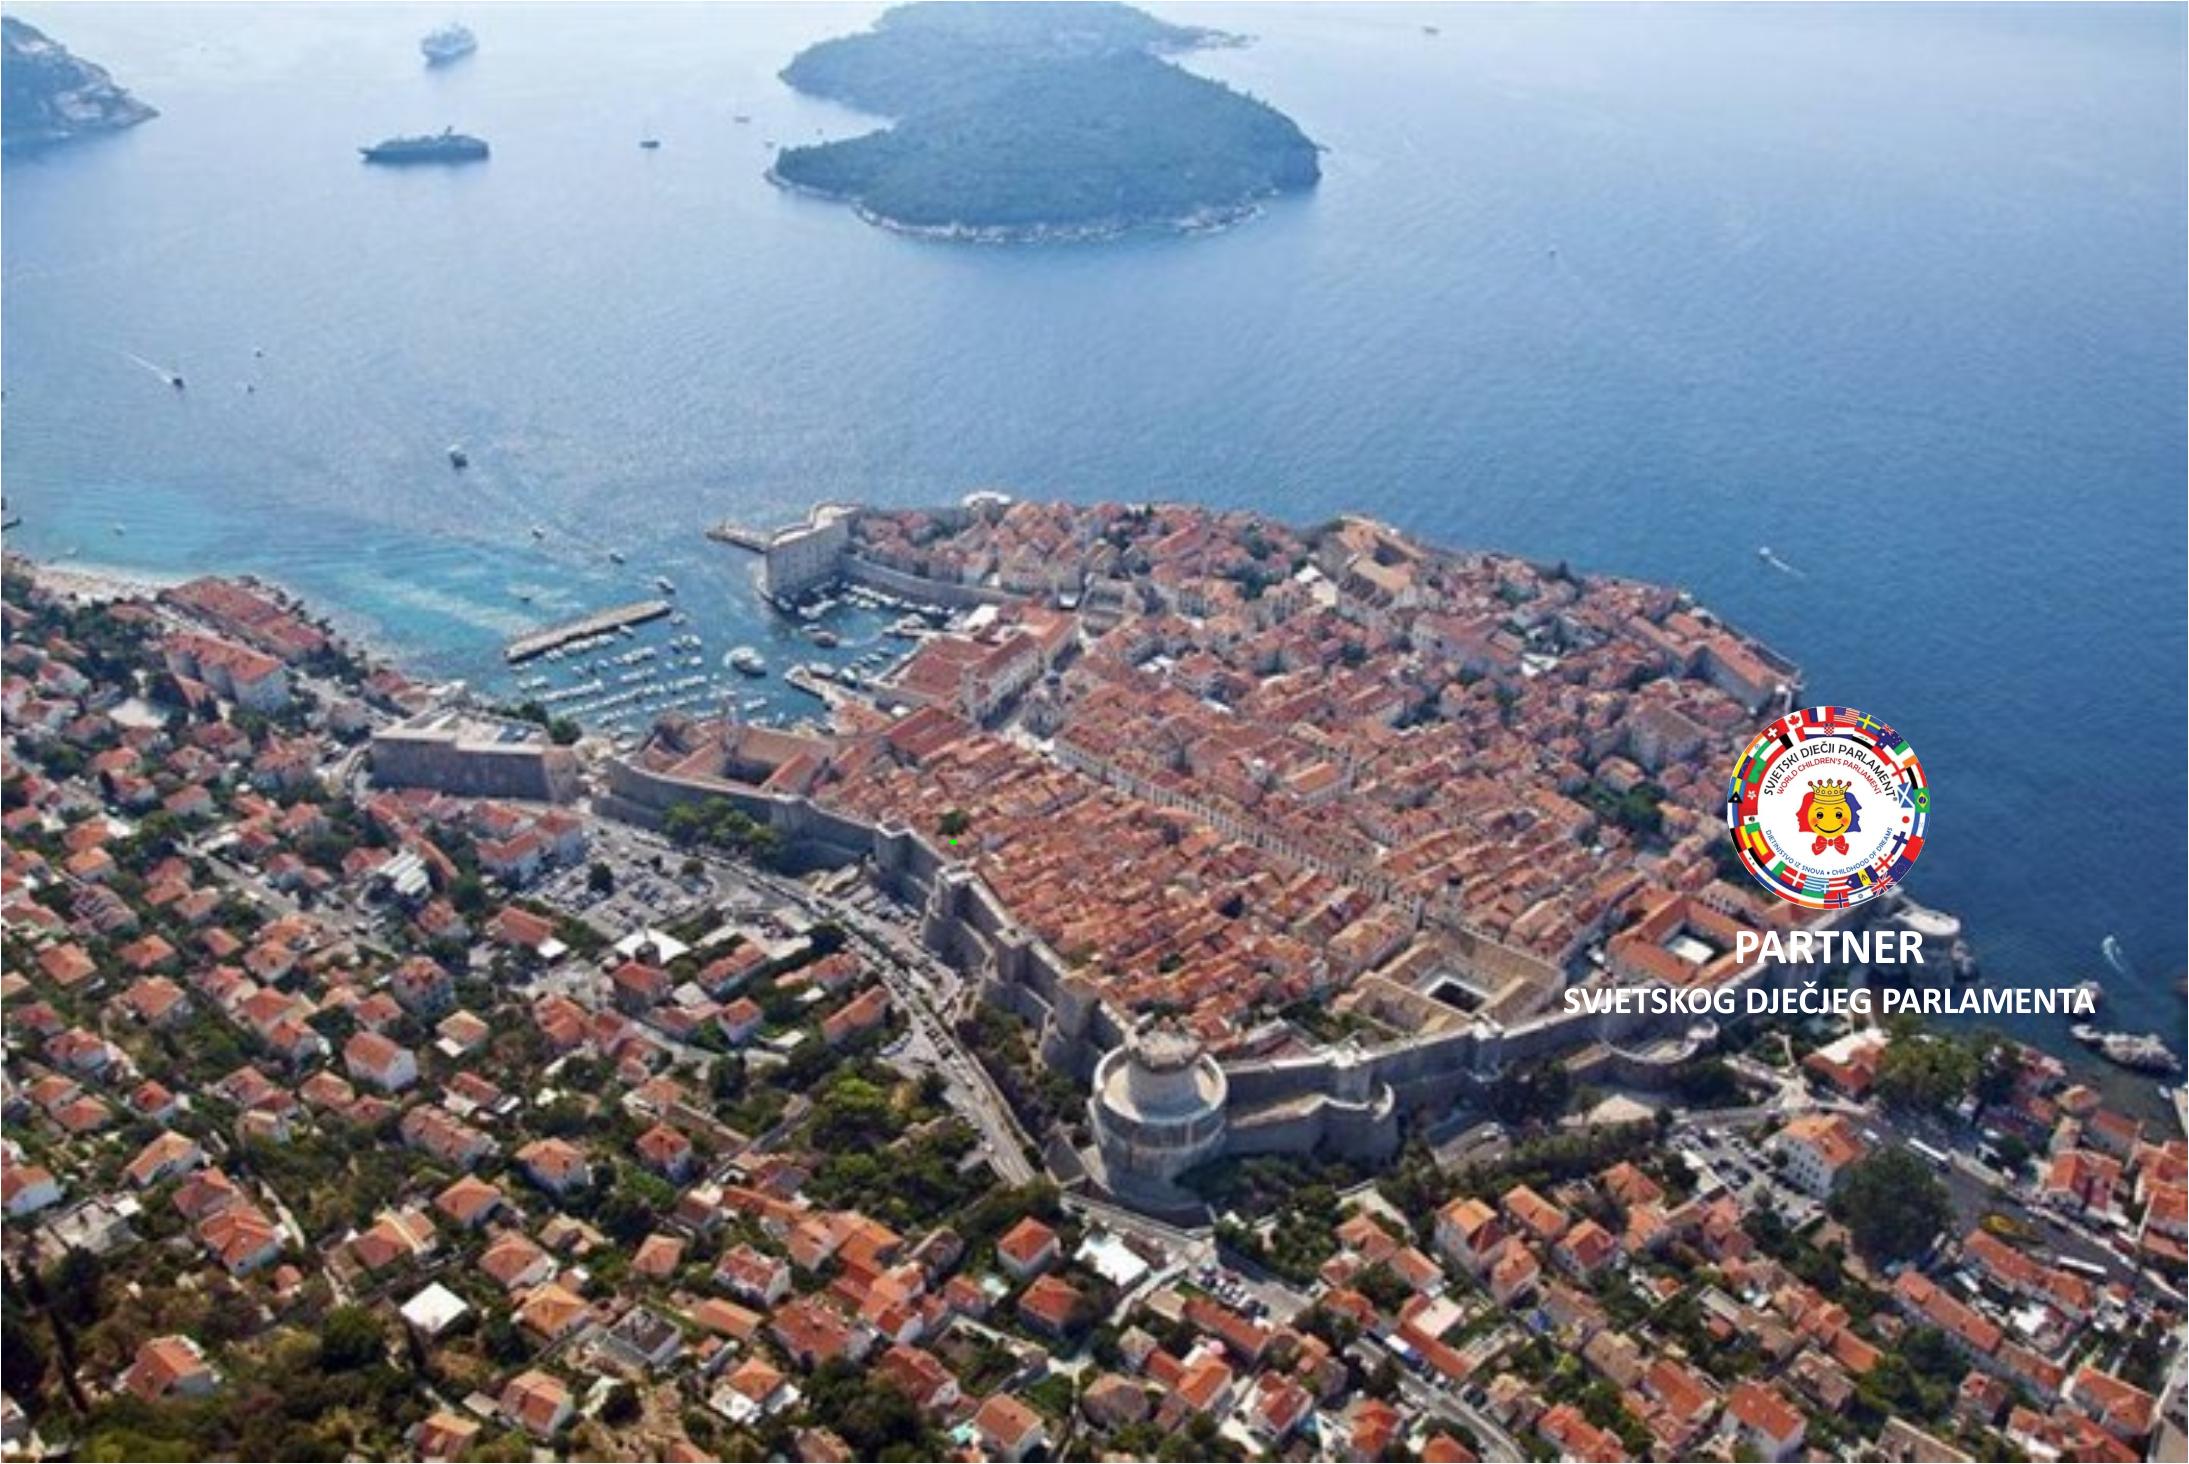 Hrvatska – Svjetski dječji parlament